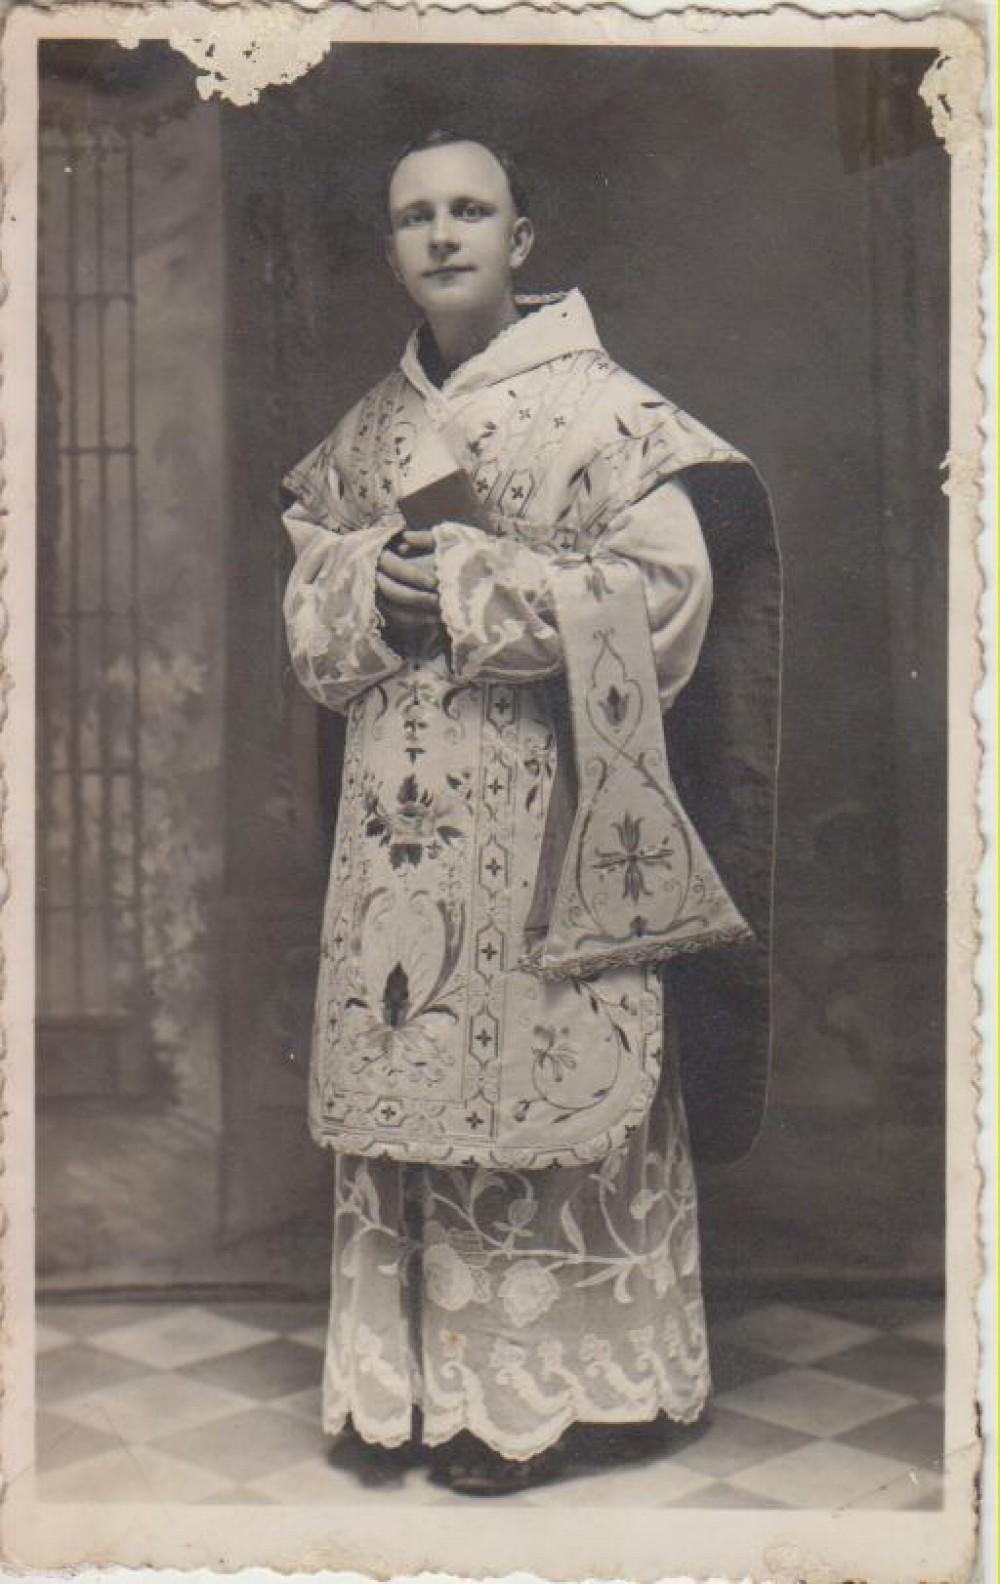 Tėvas Leonardas Andriekus. Milanas, 1940 10 02